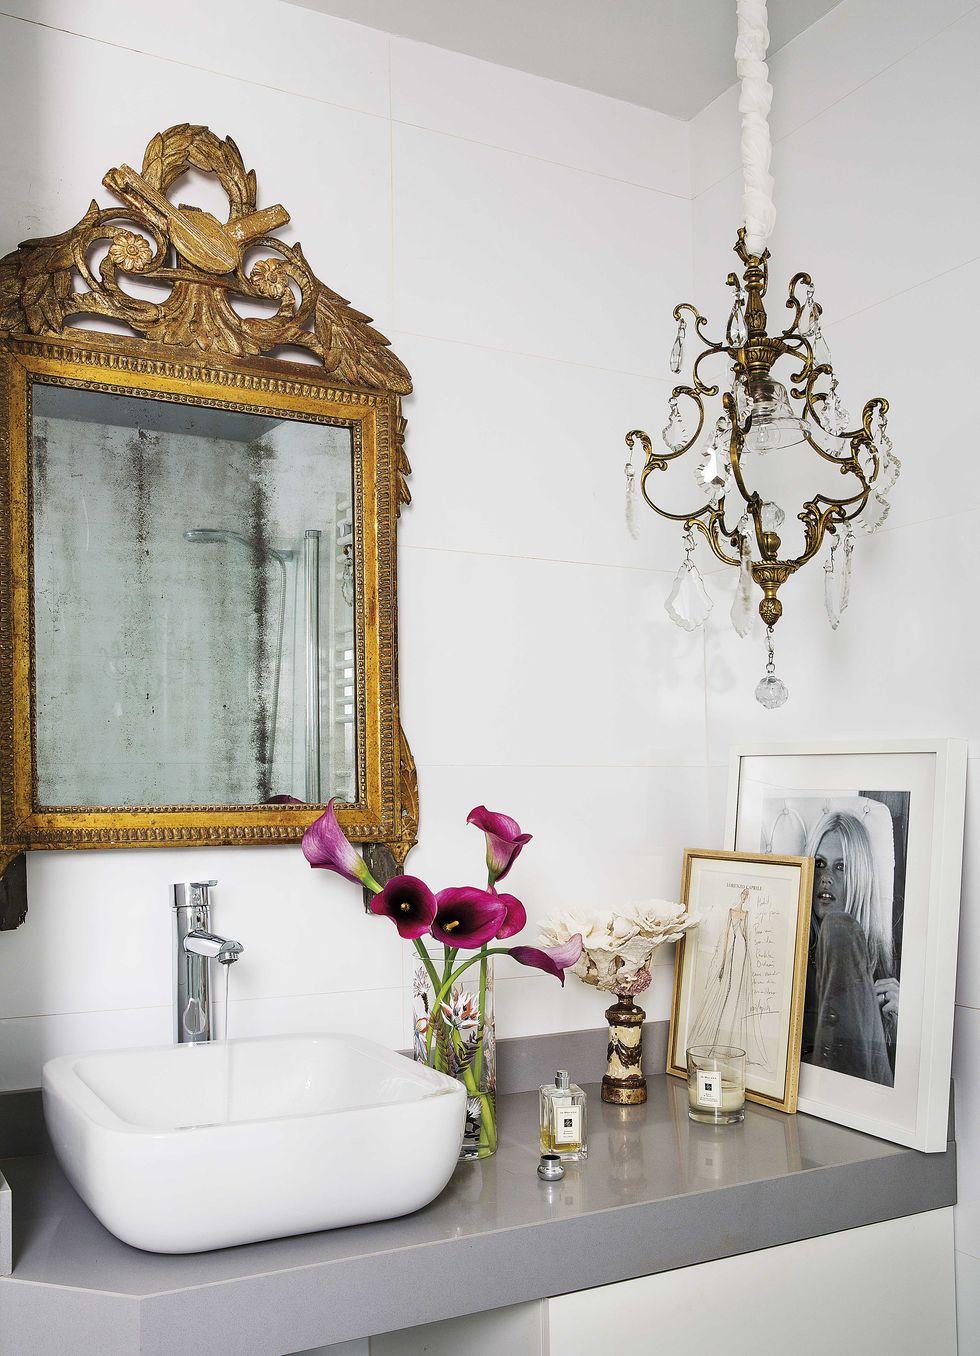 Cómo_conseguir_una_decoración_chic_en_clave_low_cost_consejos_trucos_baño_paula_ordovás-10